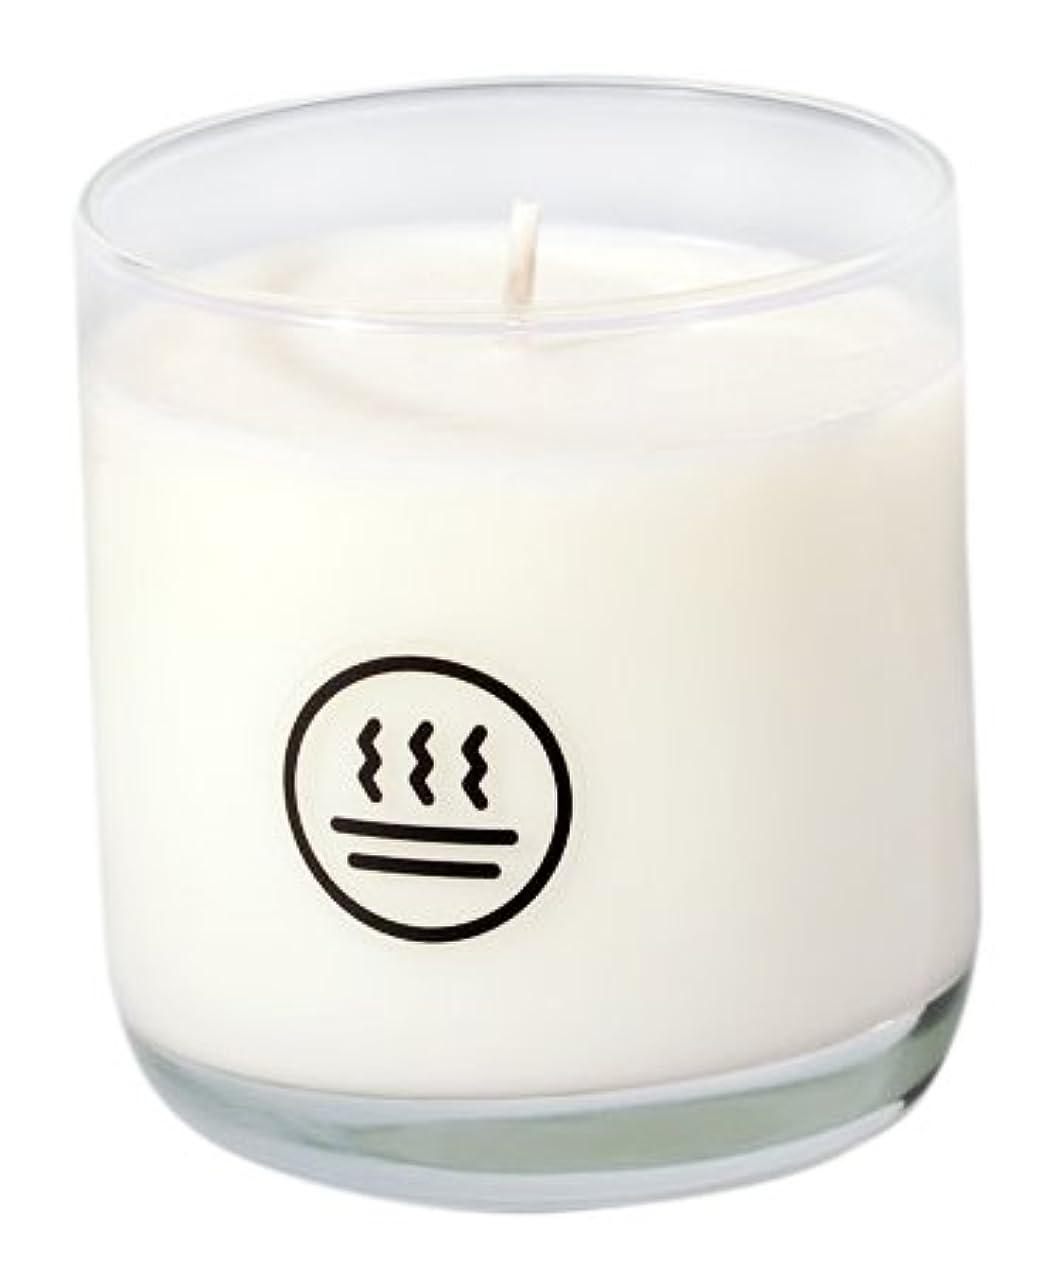 むき出し手を差し伸べる吸収するKeap Hot Springs scented candle, made with coconut wax - 7.4Oz each